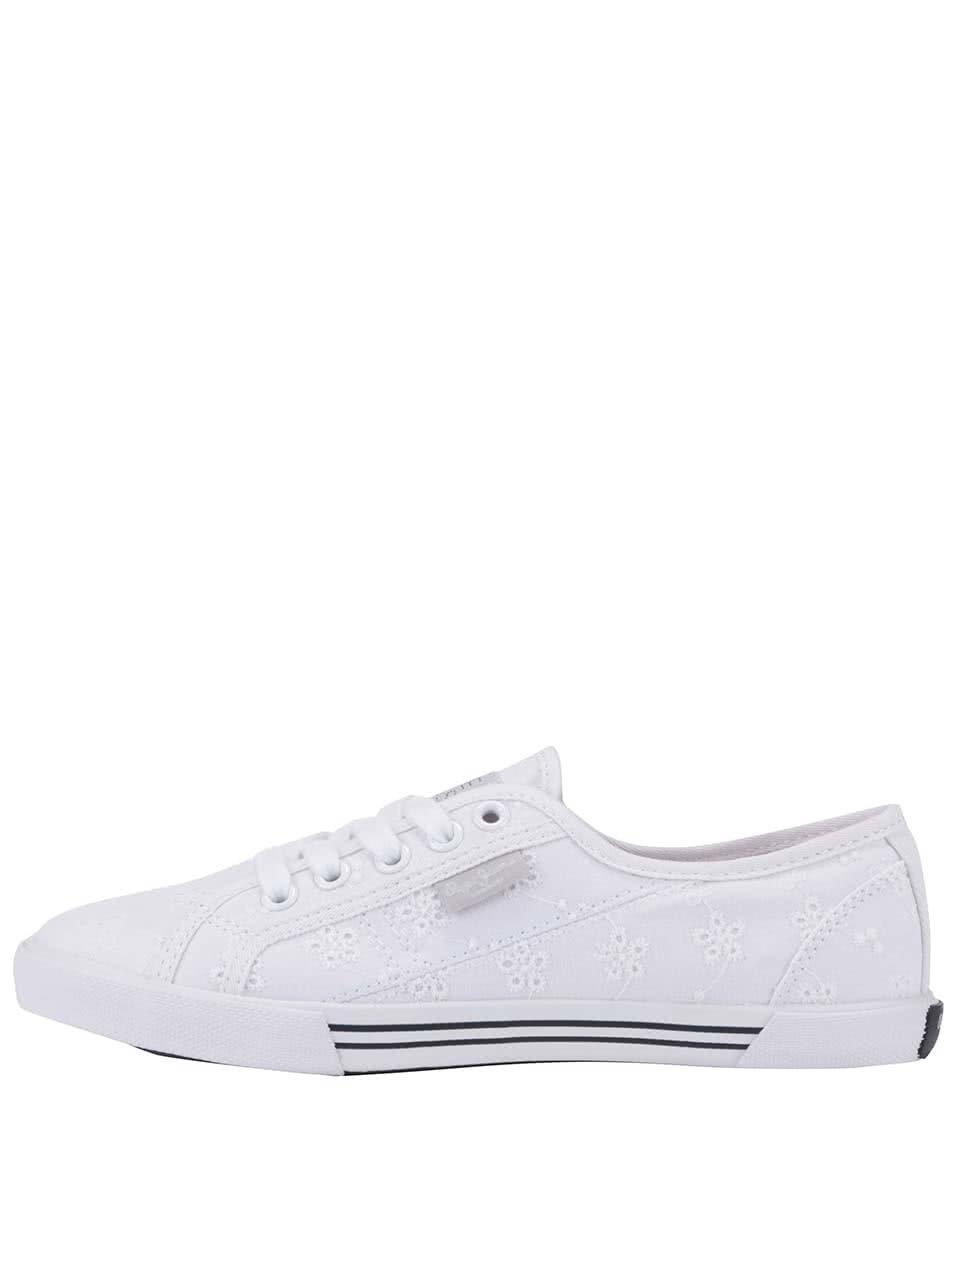 Bílé dámské vzorované tenisky Pepe Jeans ... 5c6048a2408